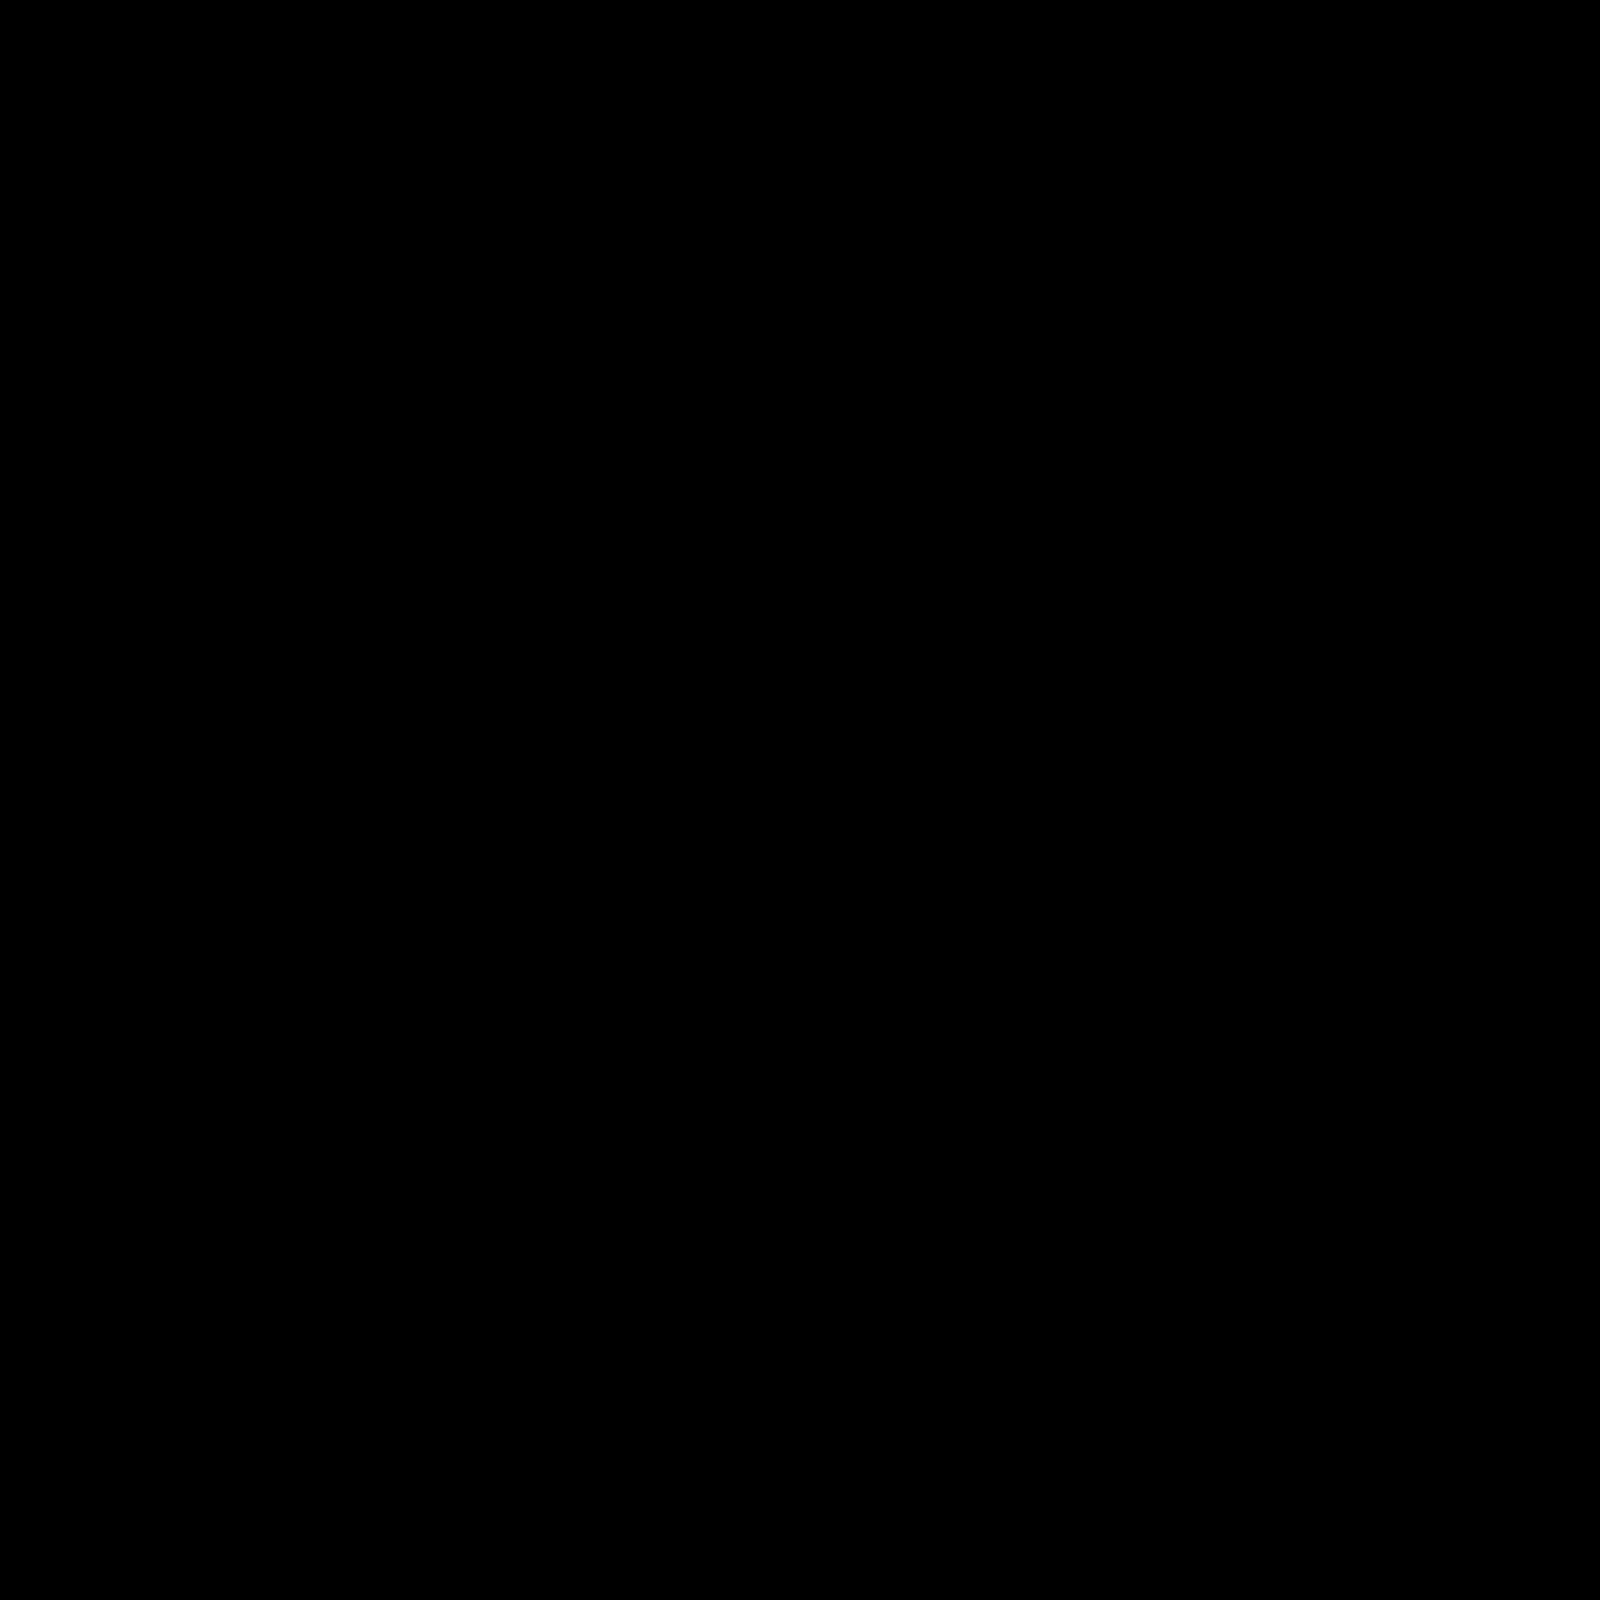 Botão de opção marcado icon